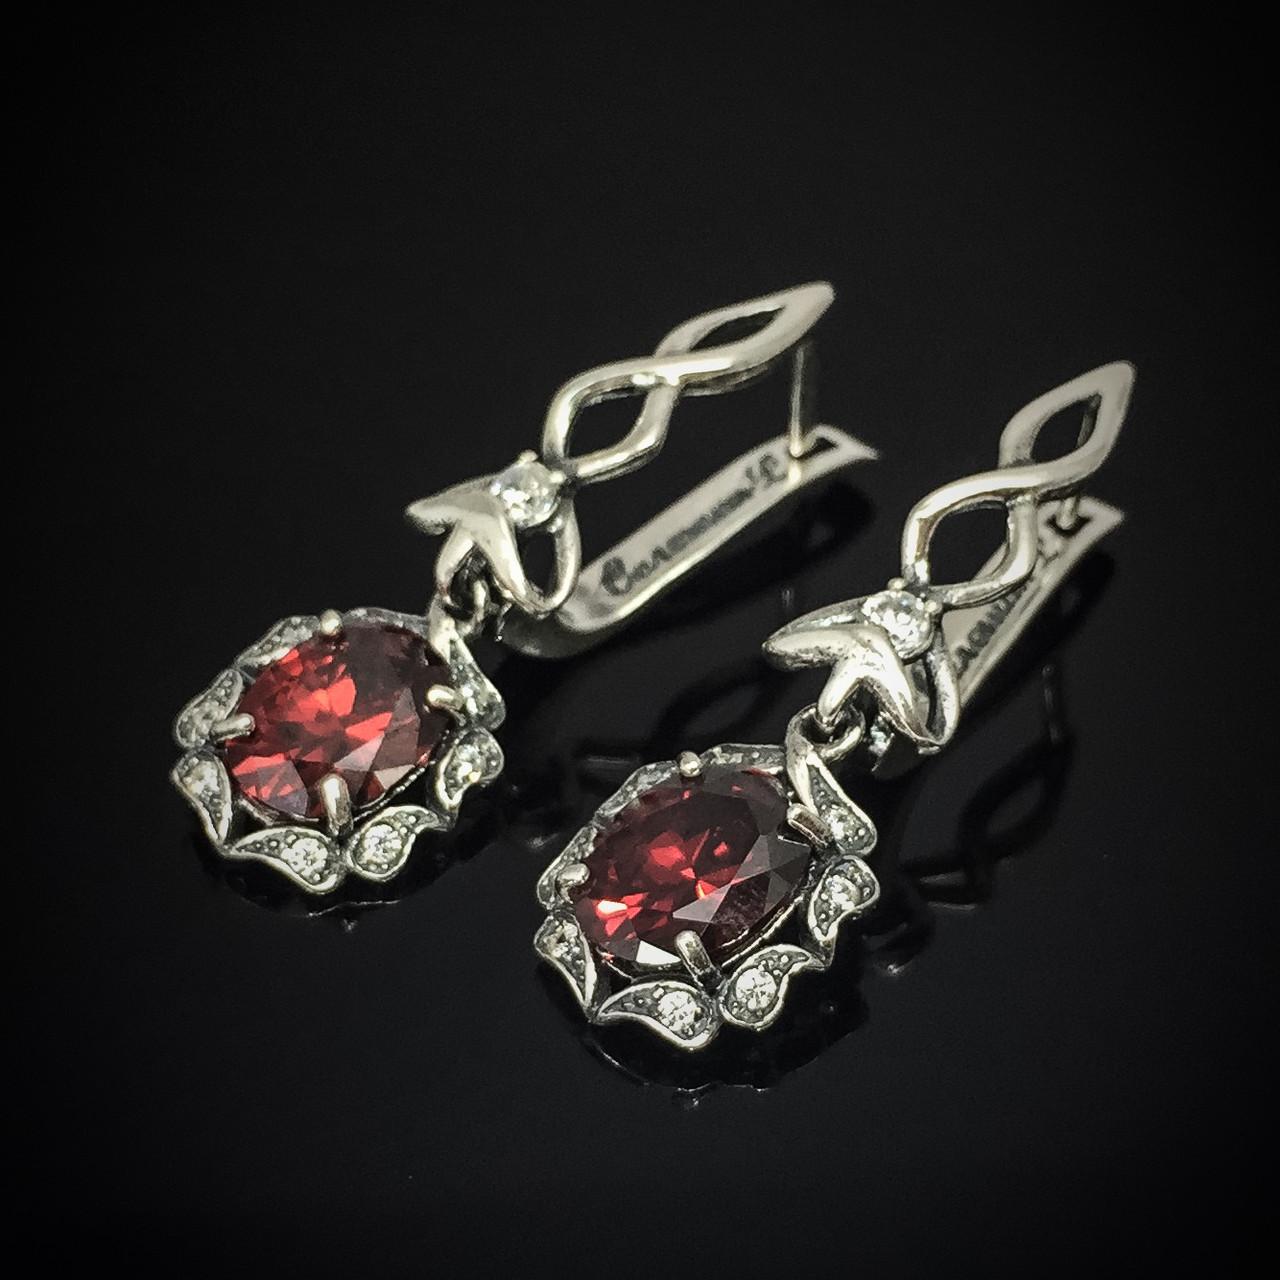 Серебряные серьги-подвески с цветными фианитами, 20 камней